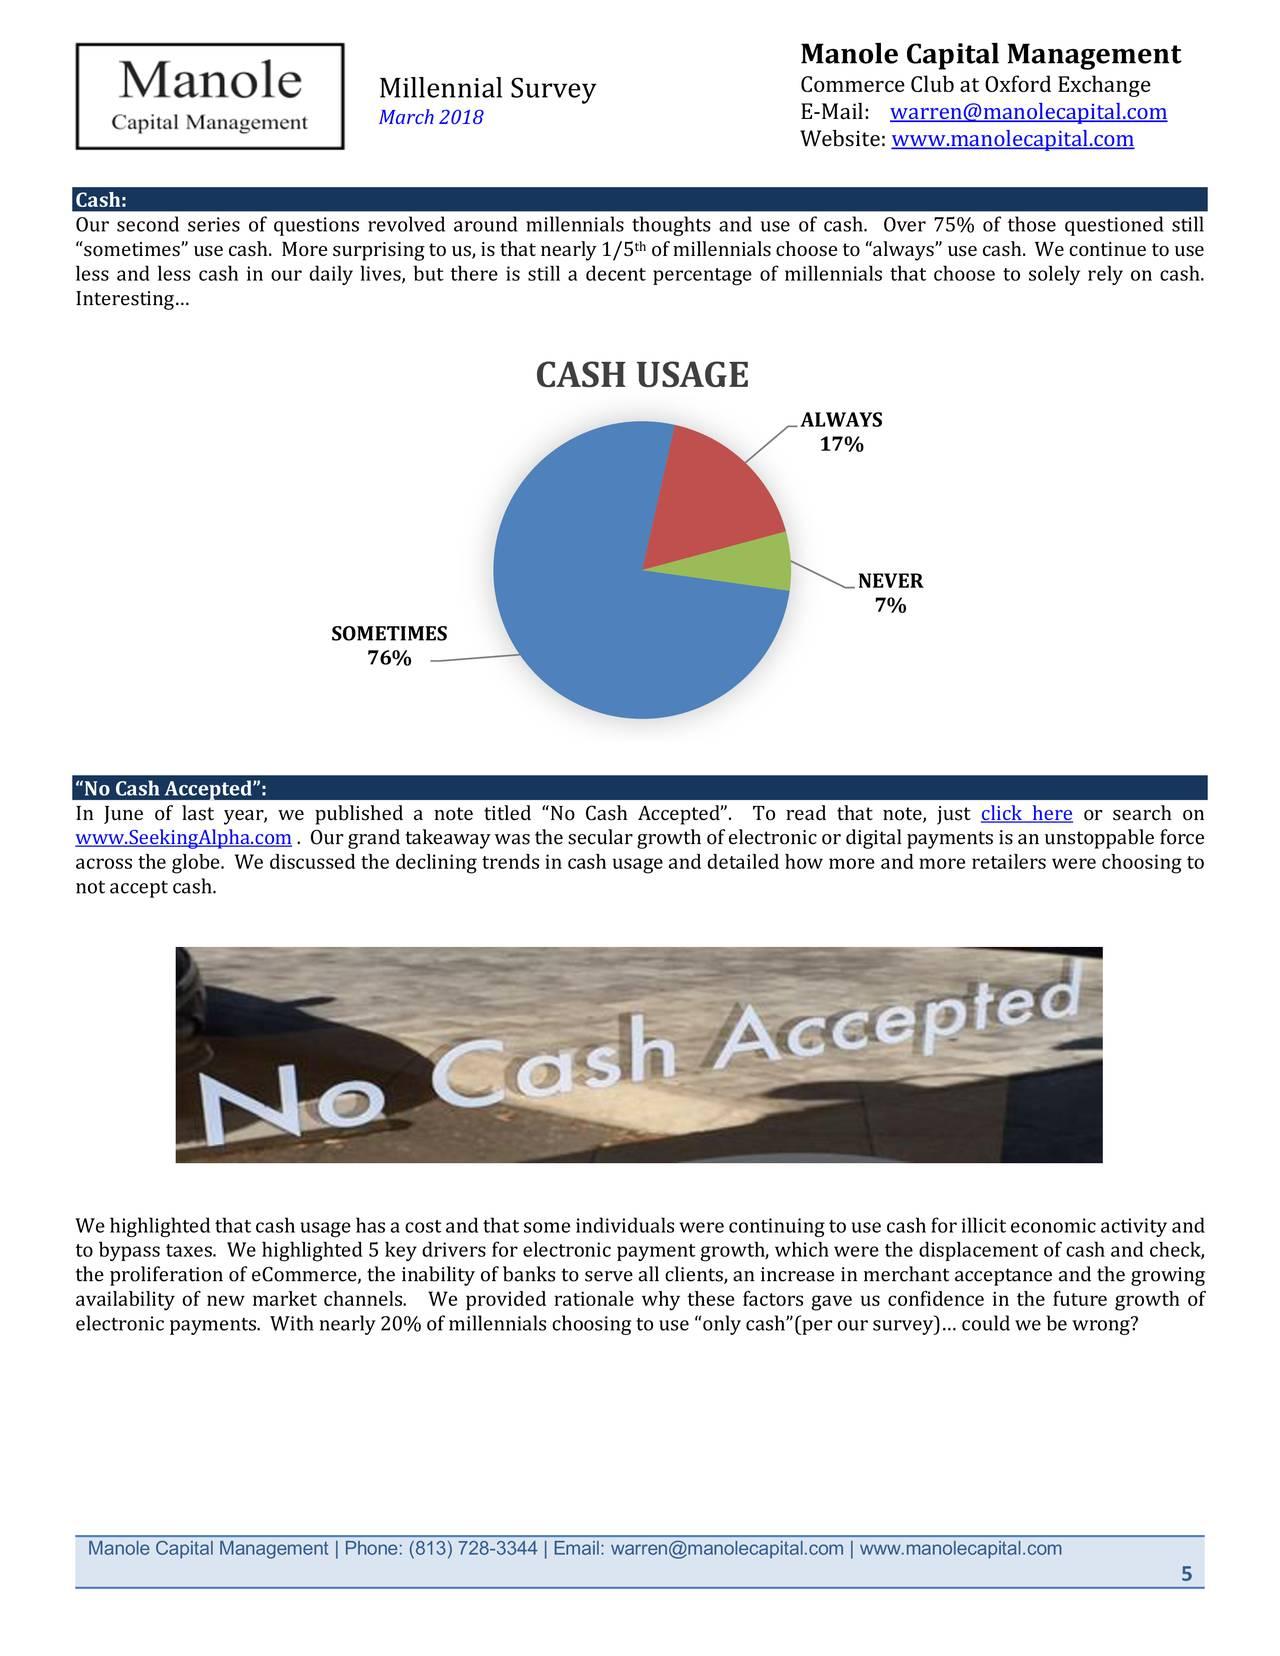 Manole Capital: Millennial Survey | Seeking Alpha